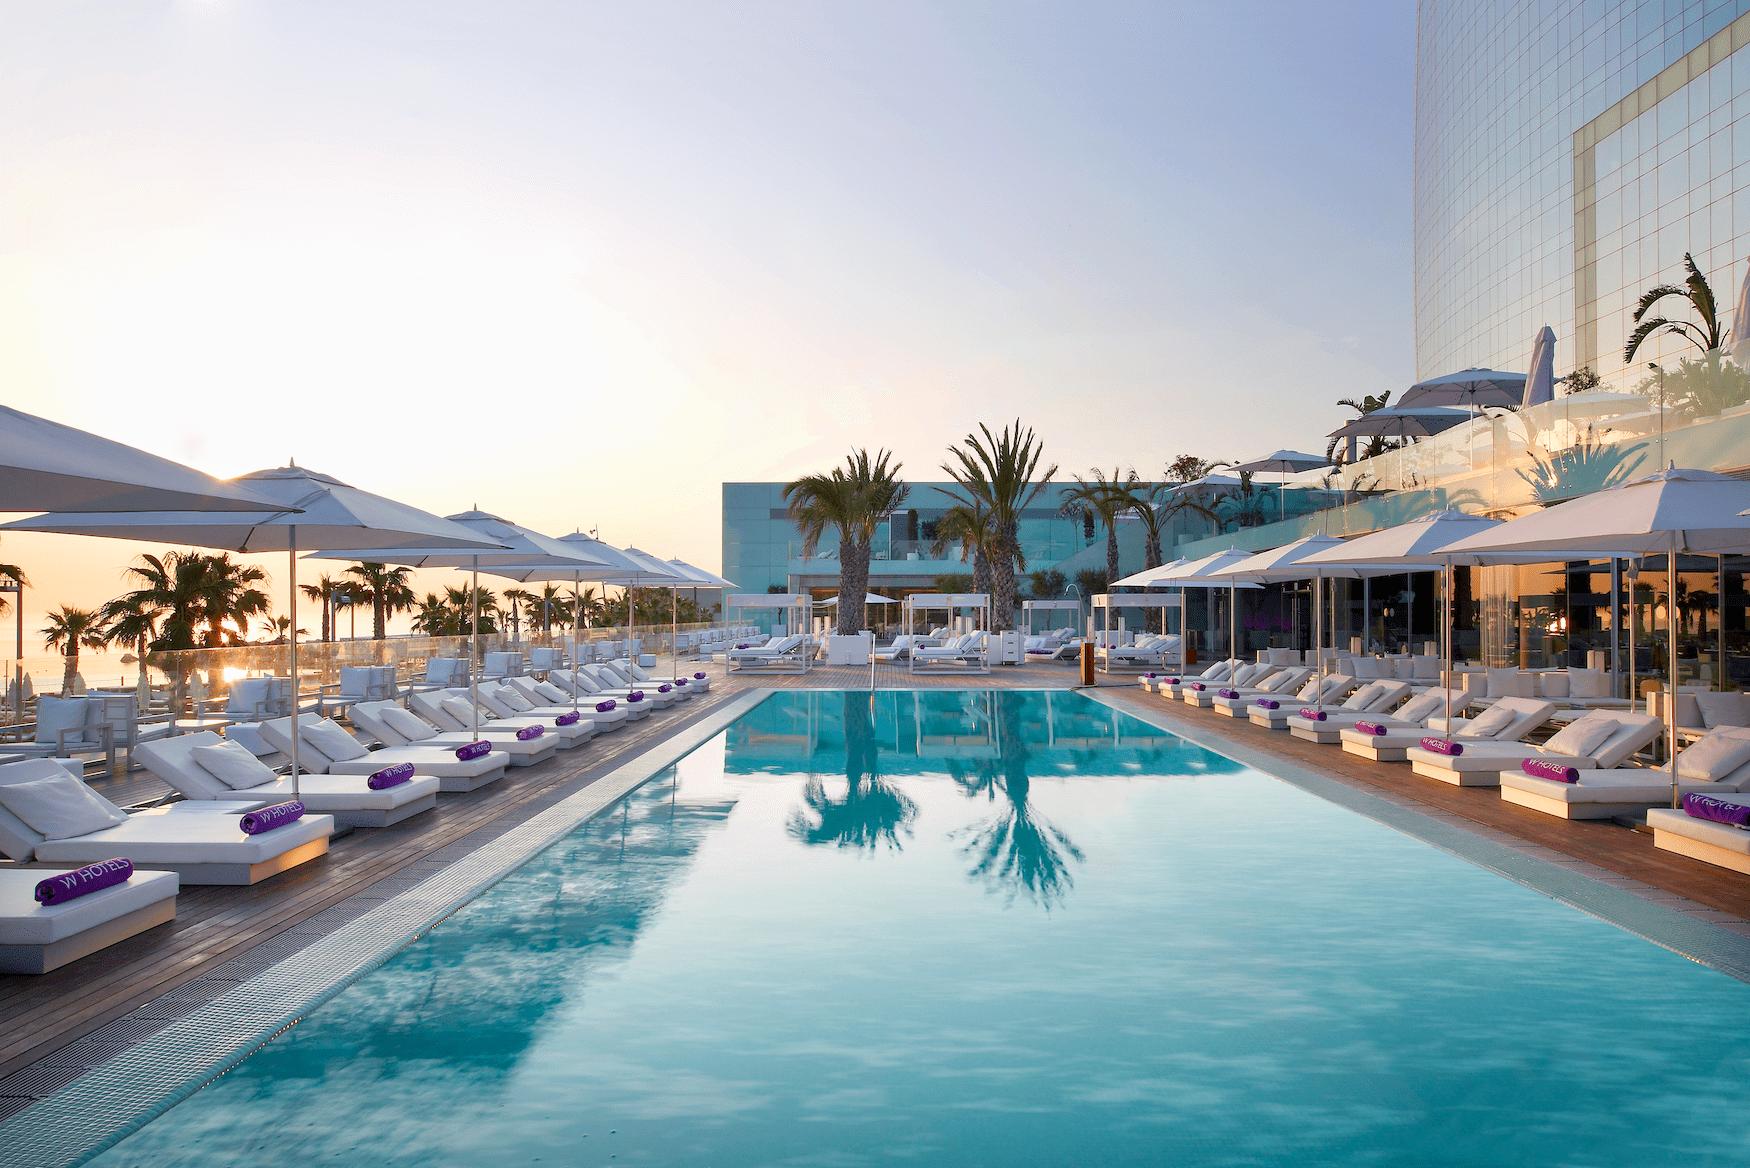 Outdoor-Deck mit Pool und Bar des W Barcelona Hotels